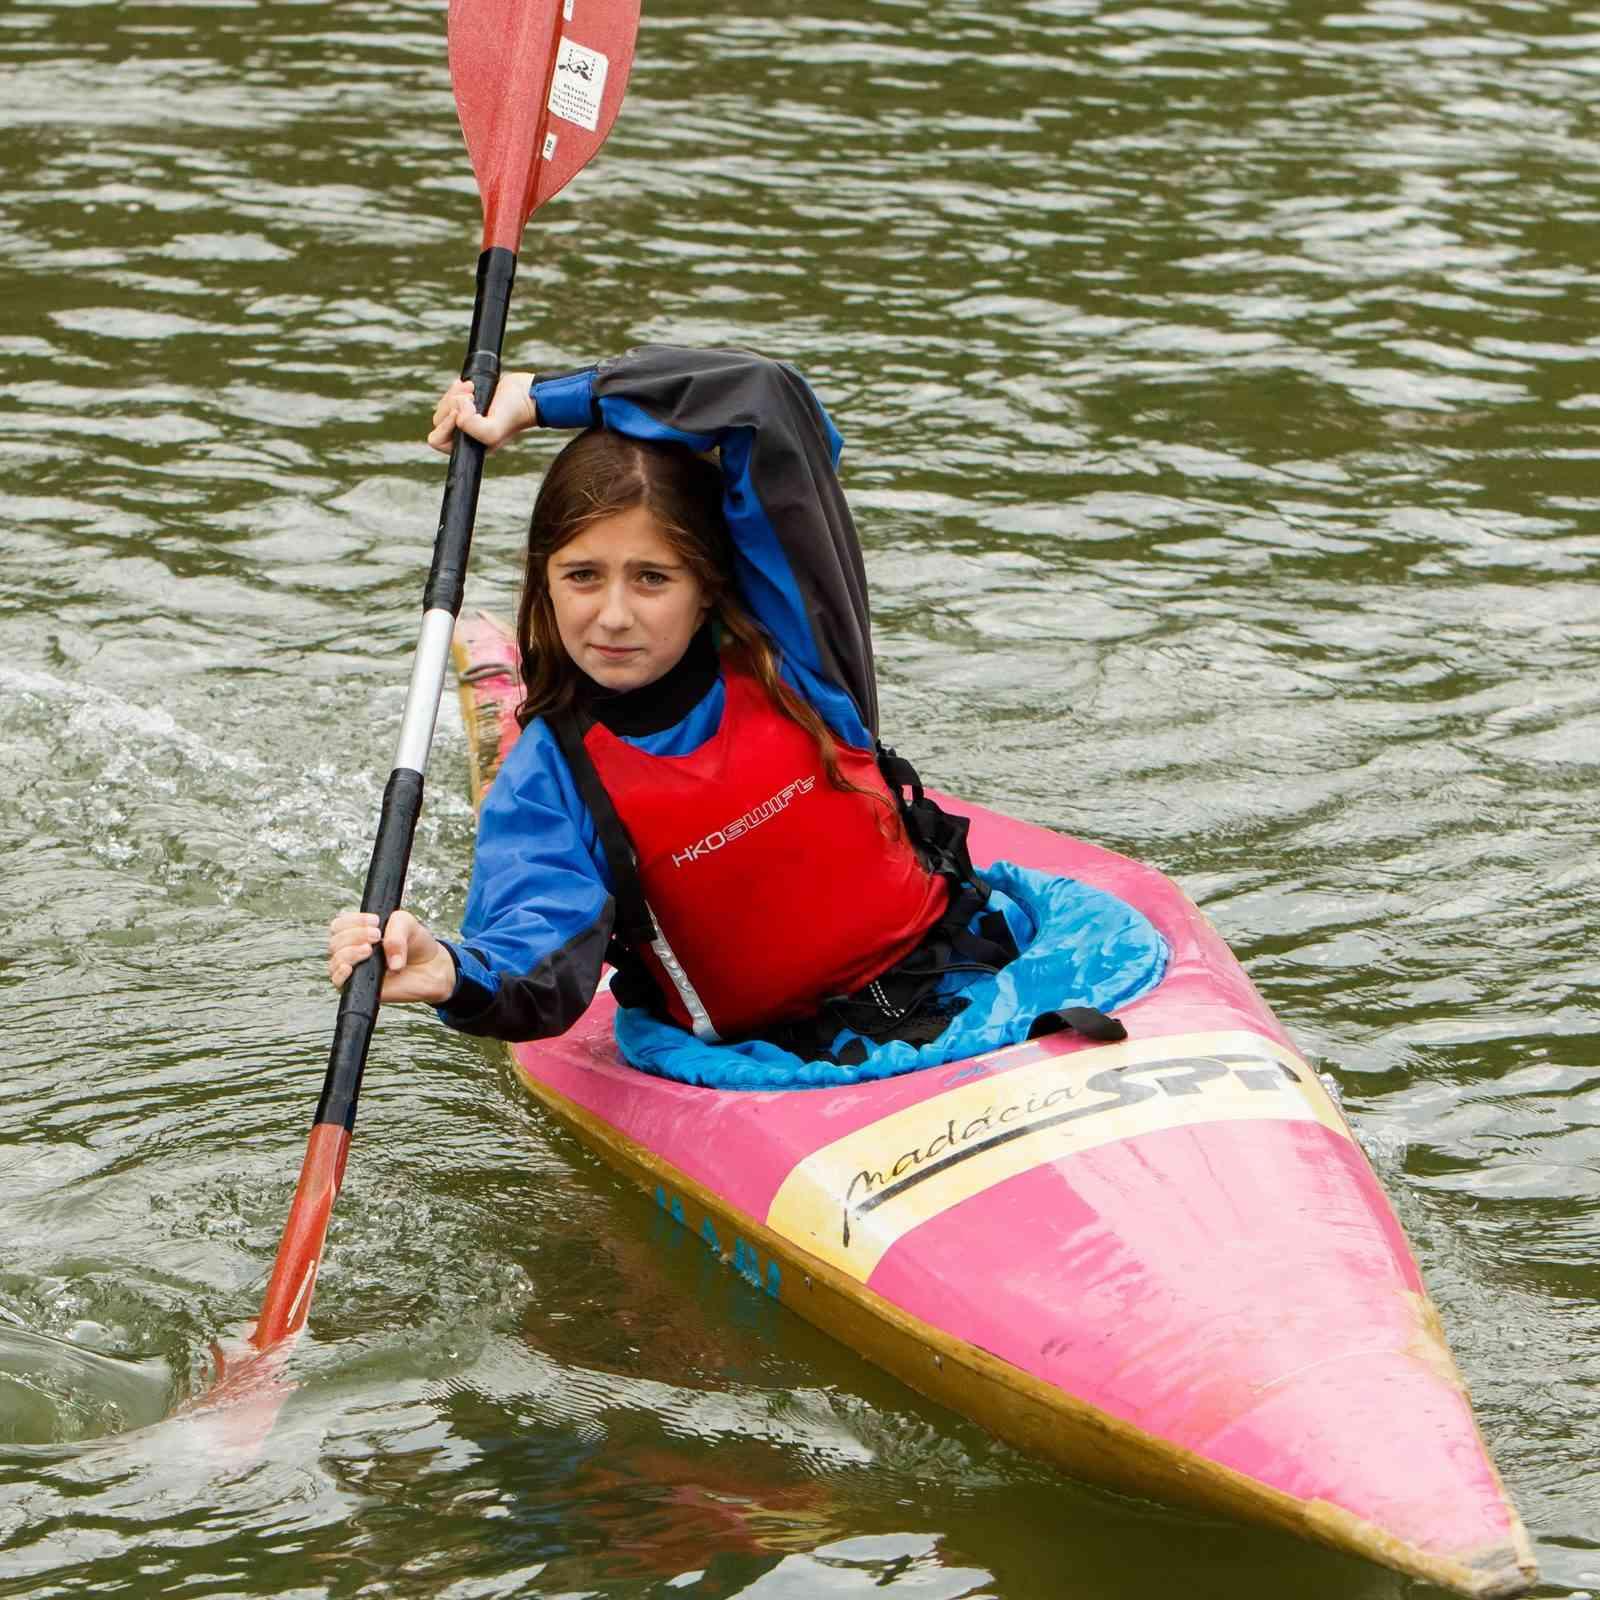 Klub vodného slalomu ponúka vodácky výcvik